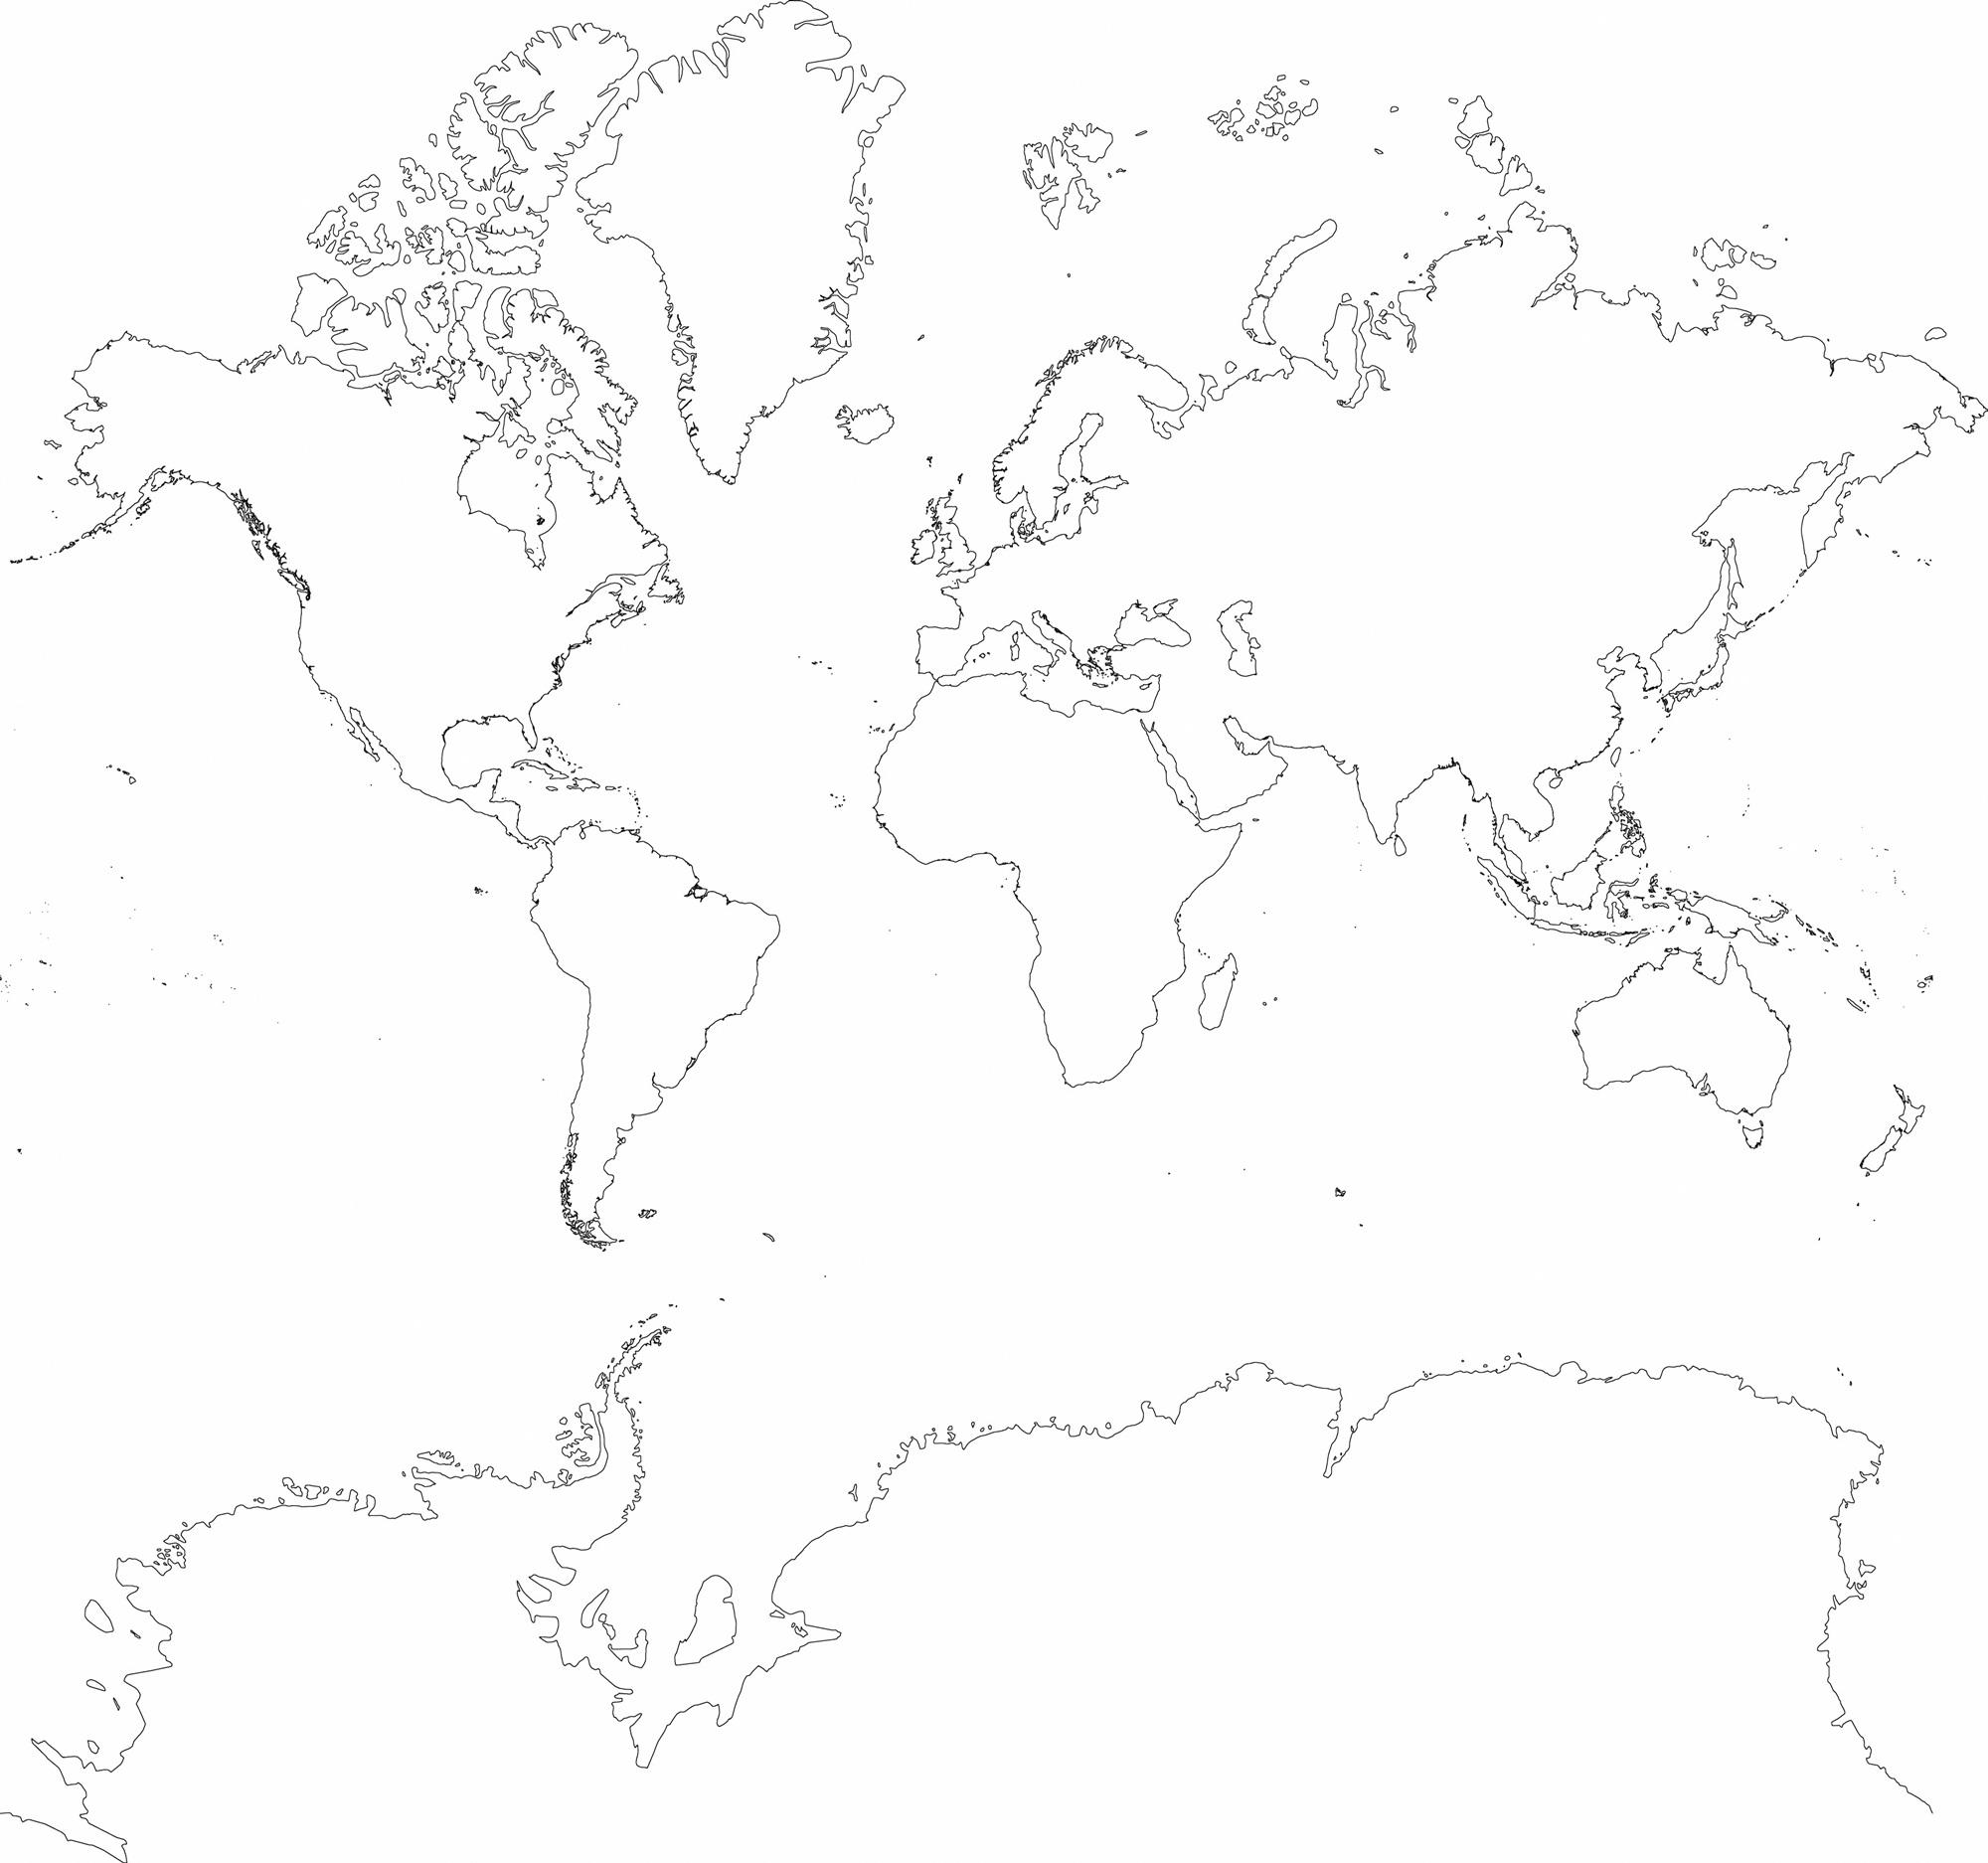 Carte du monde dessin au fusain tapisserie murale appliqué sur le mur